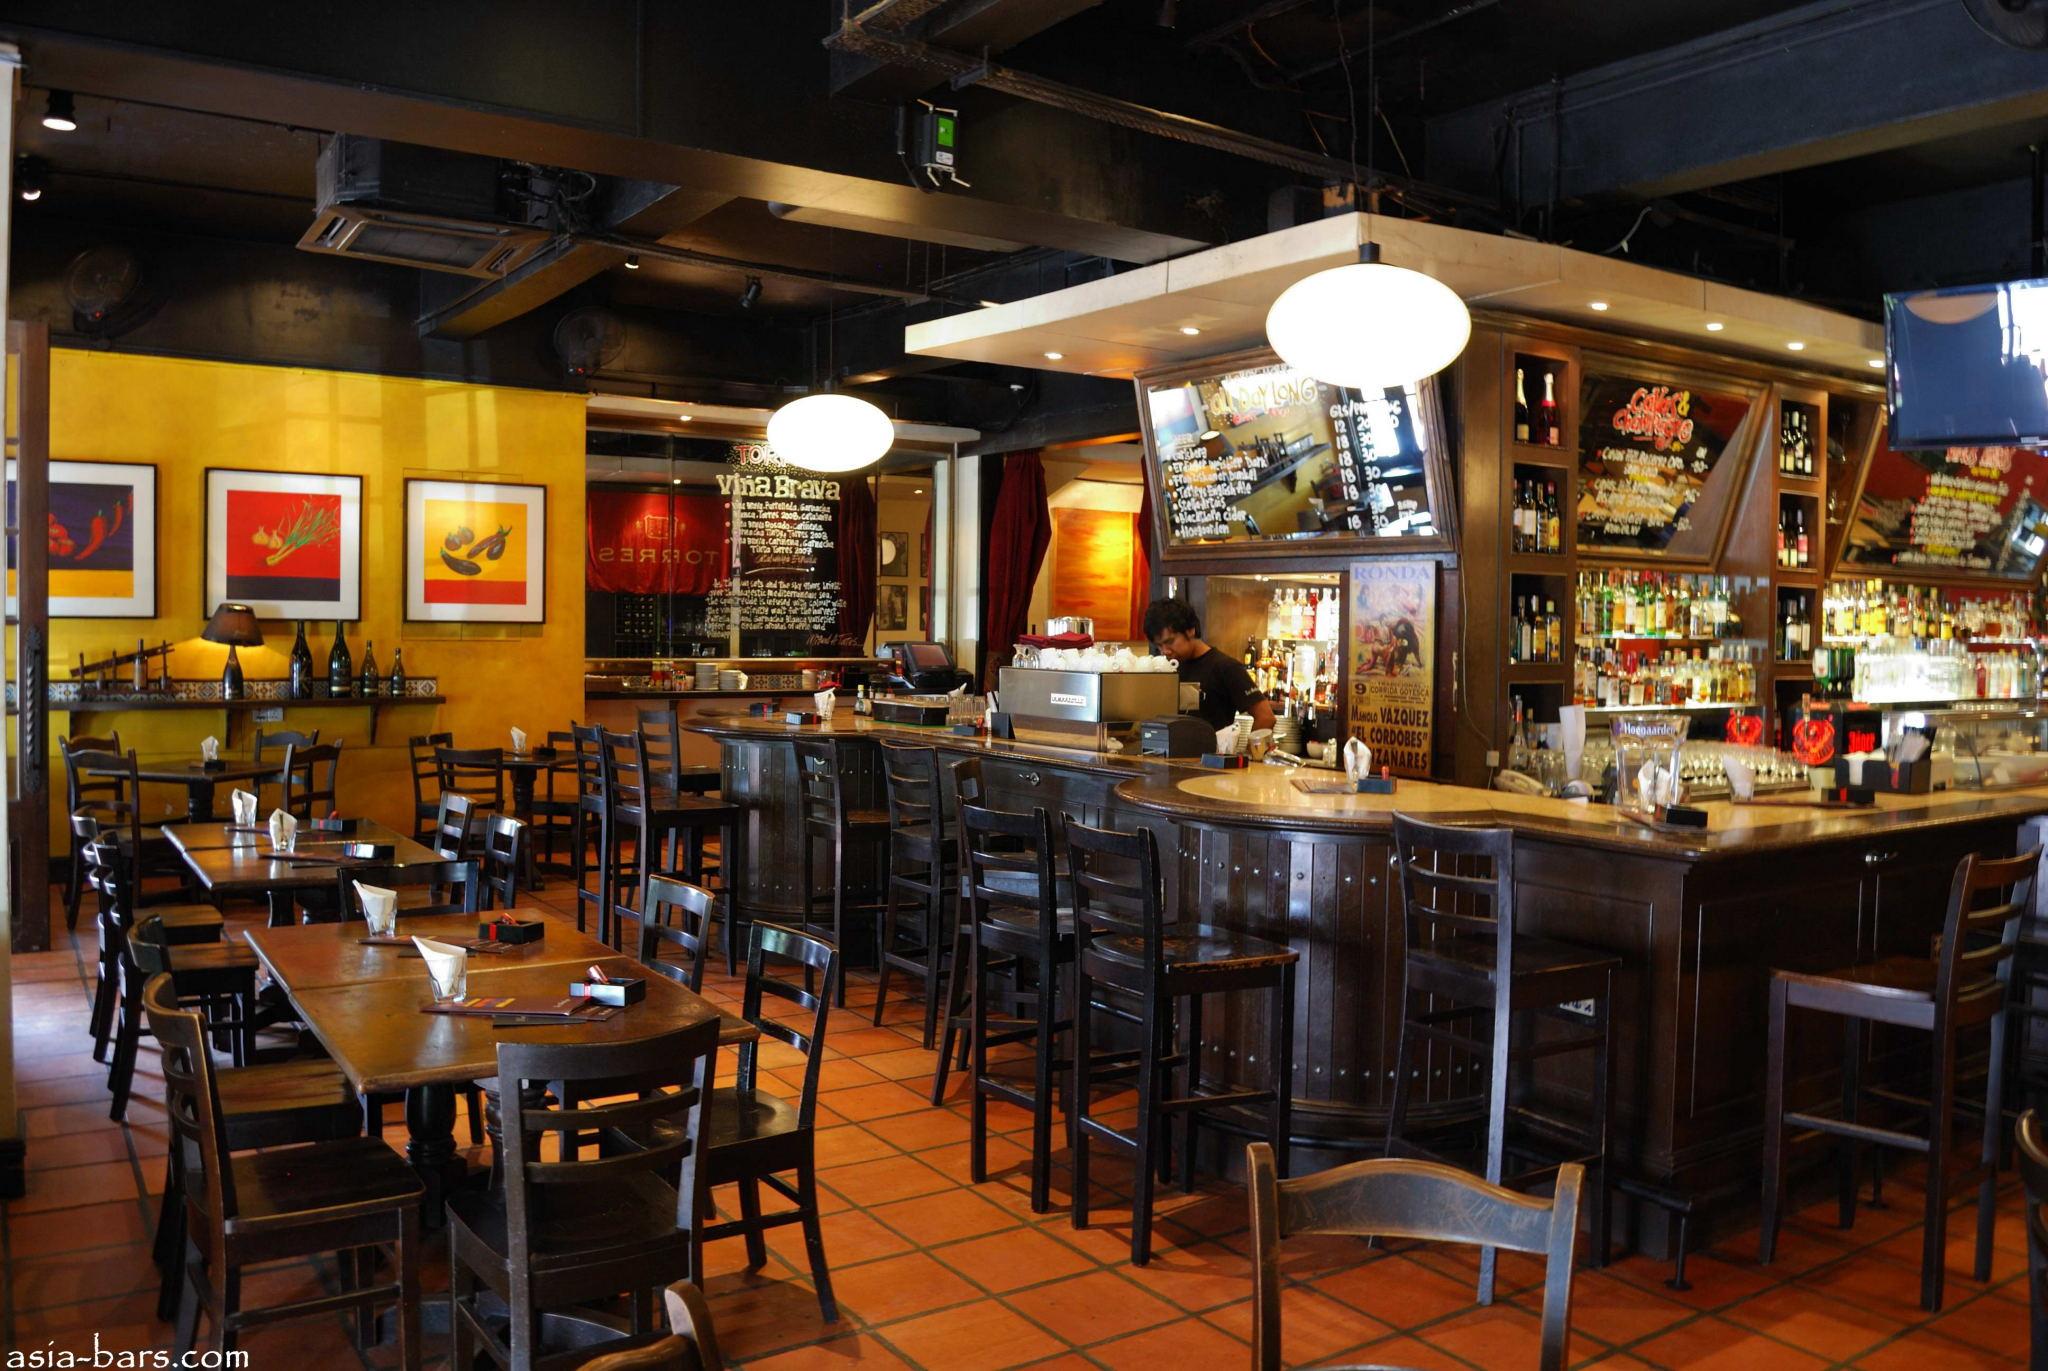 Spain  Restaurant Nj